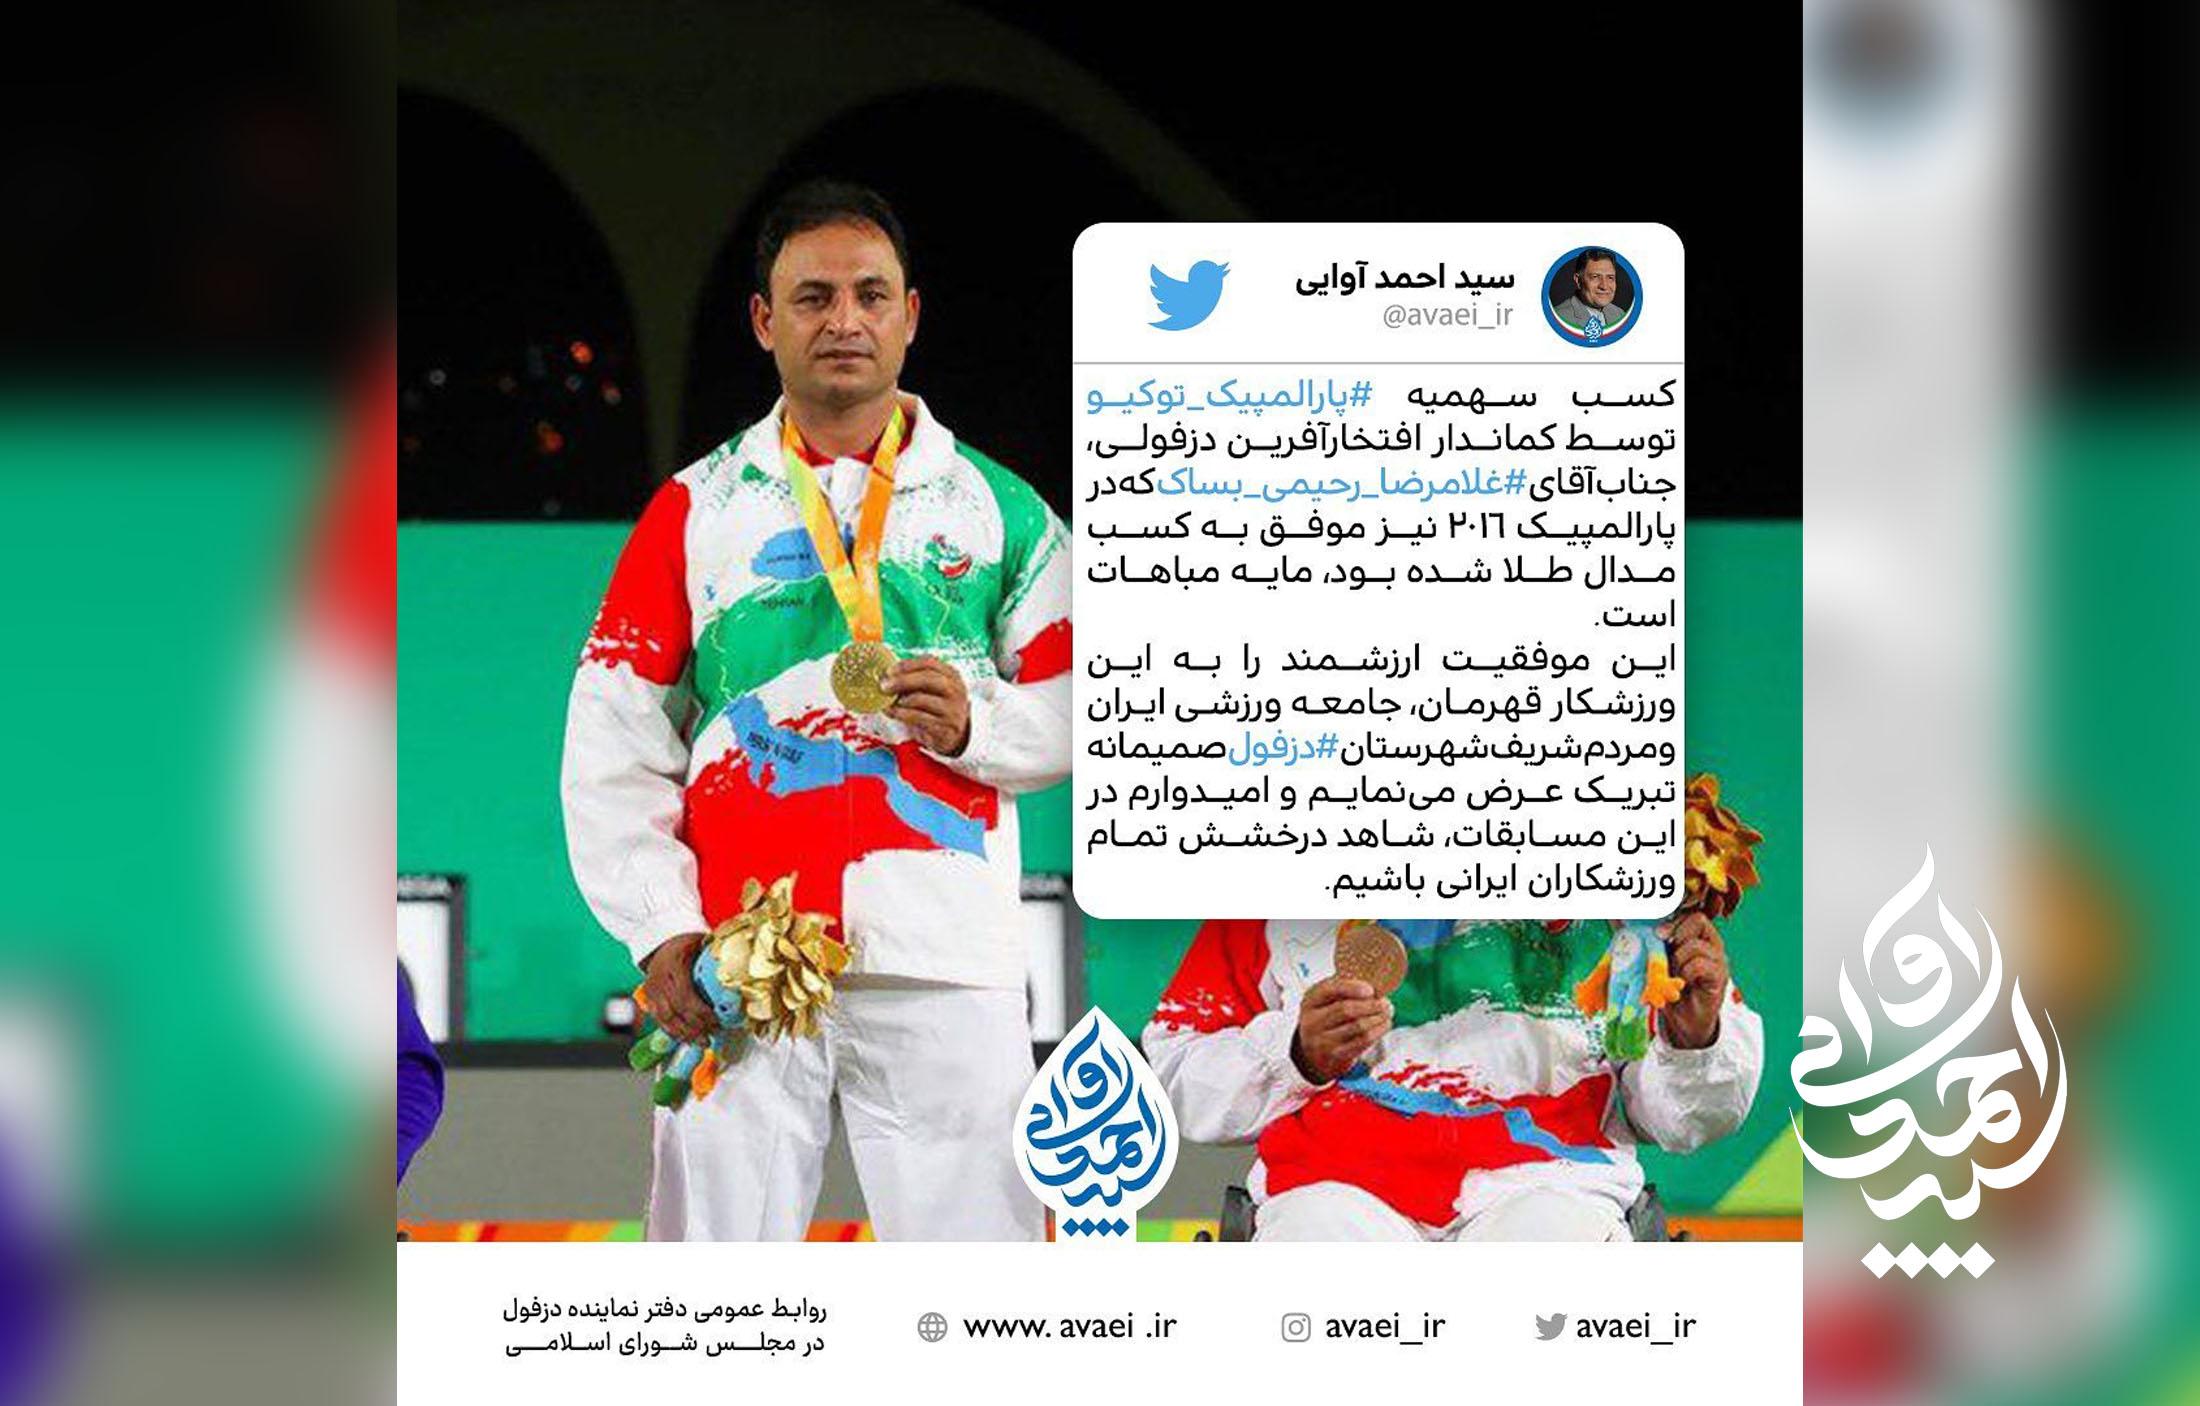 نماینده دزفول کسب سهمیه پارالمپیک را به غلامرضا رحیمی بساک قهرمان دزفولی تبریک گفت